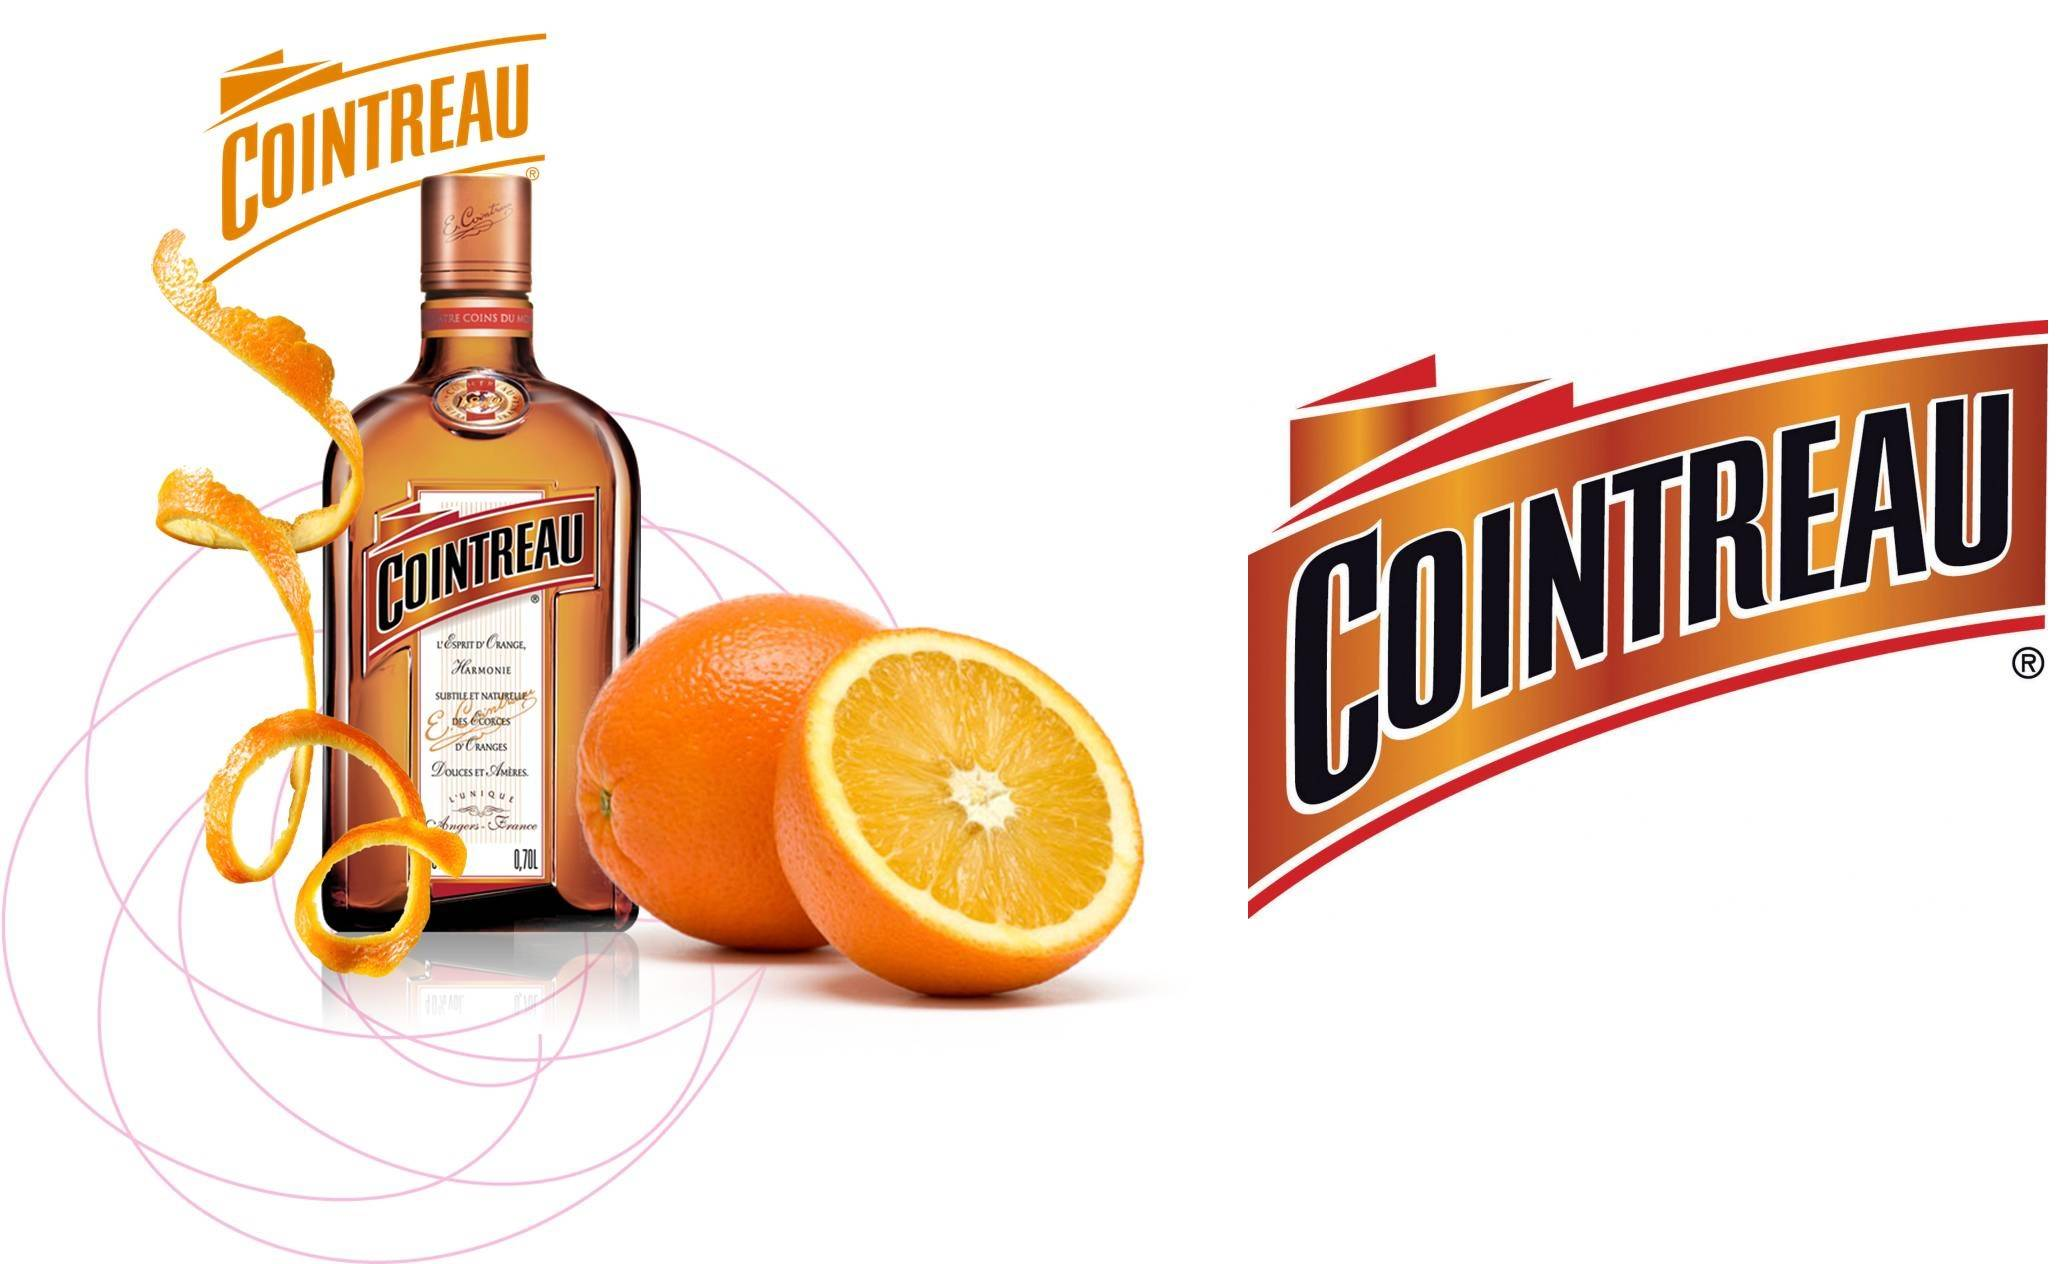 «куантро» (ликер) — апельсиновое удовольствие. с чем пьют cointreau? рецепты коктейлей с ликером «куантро»